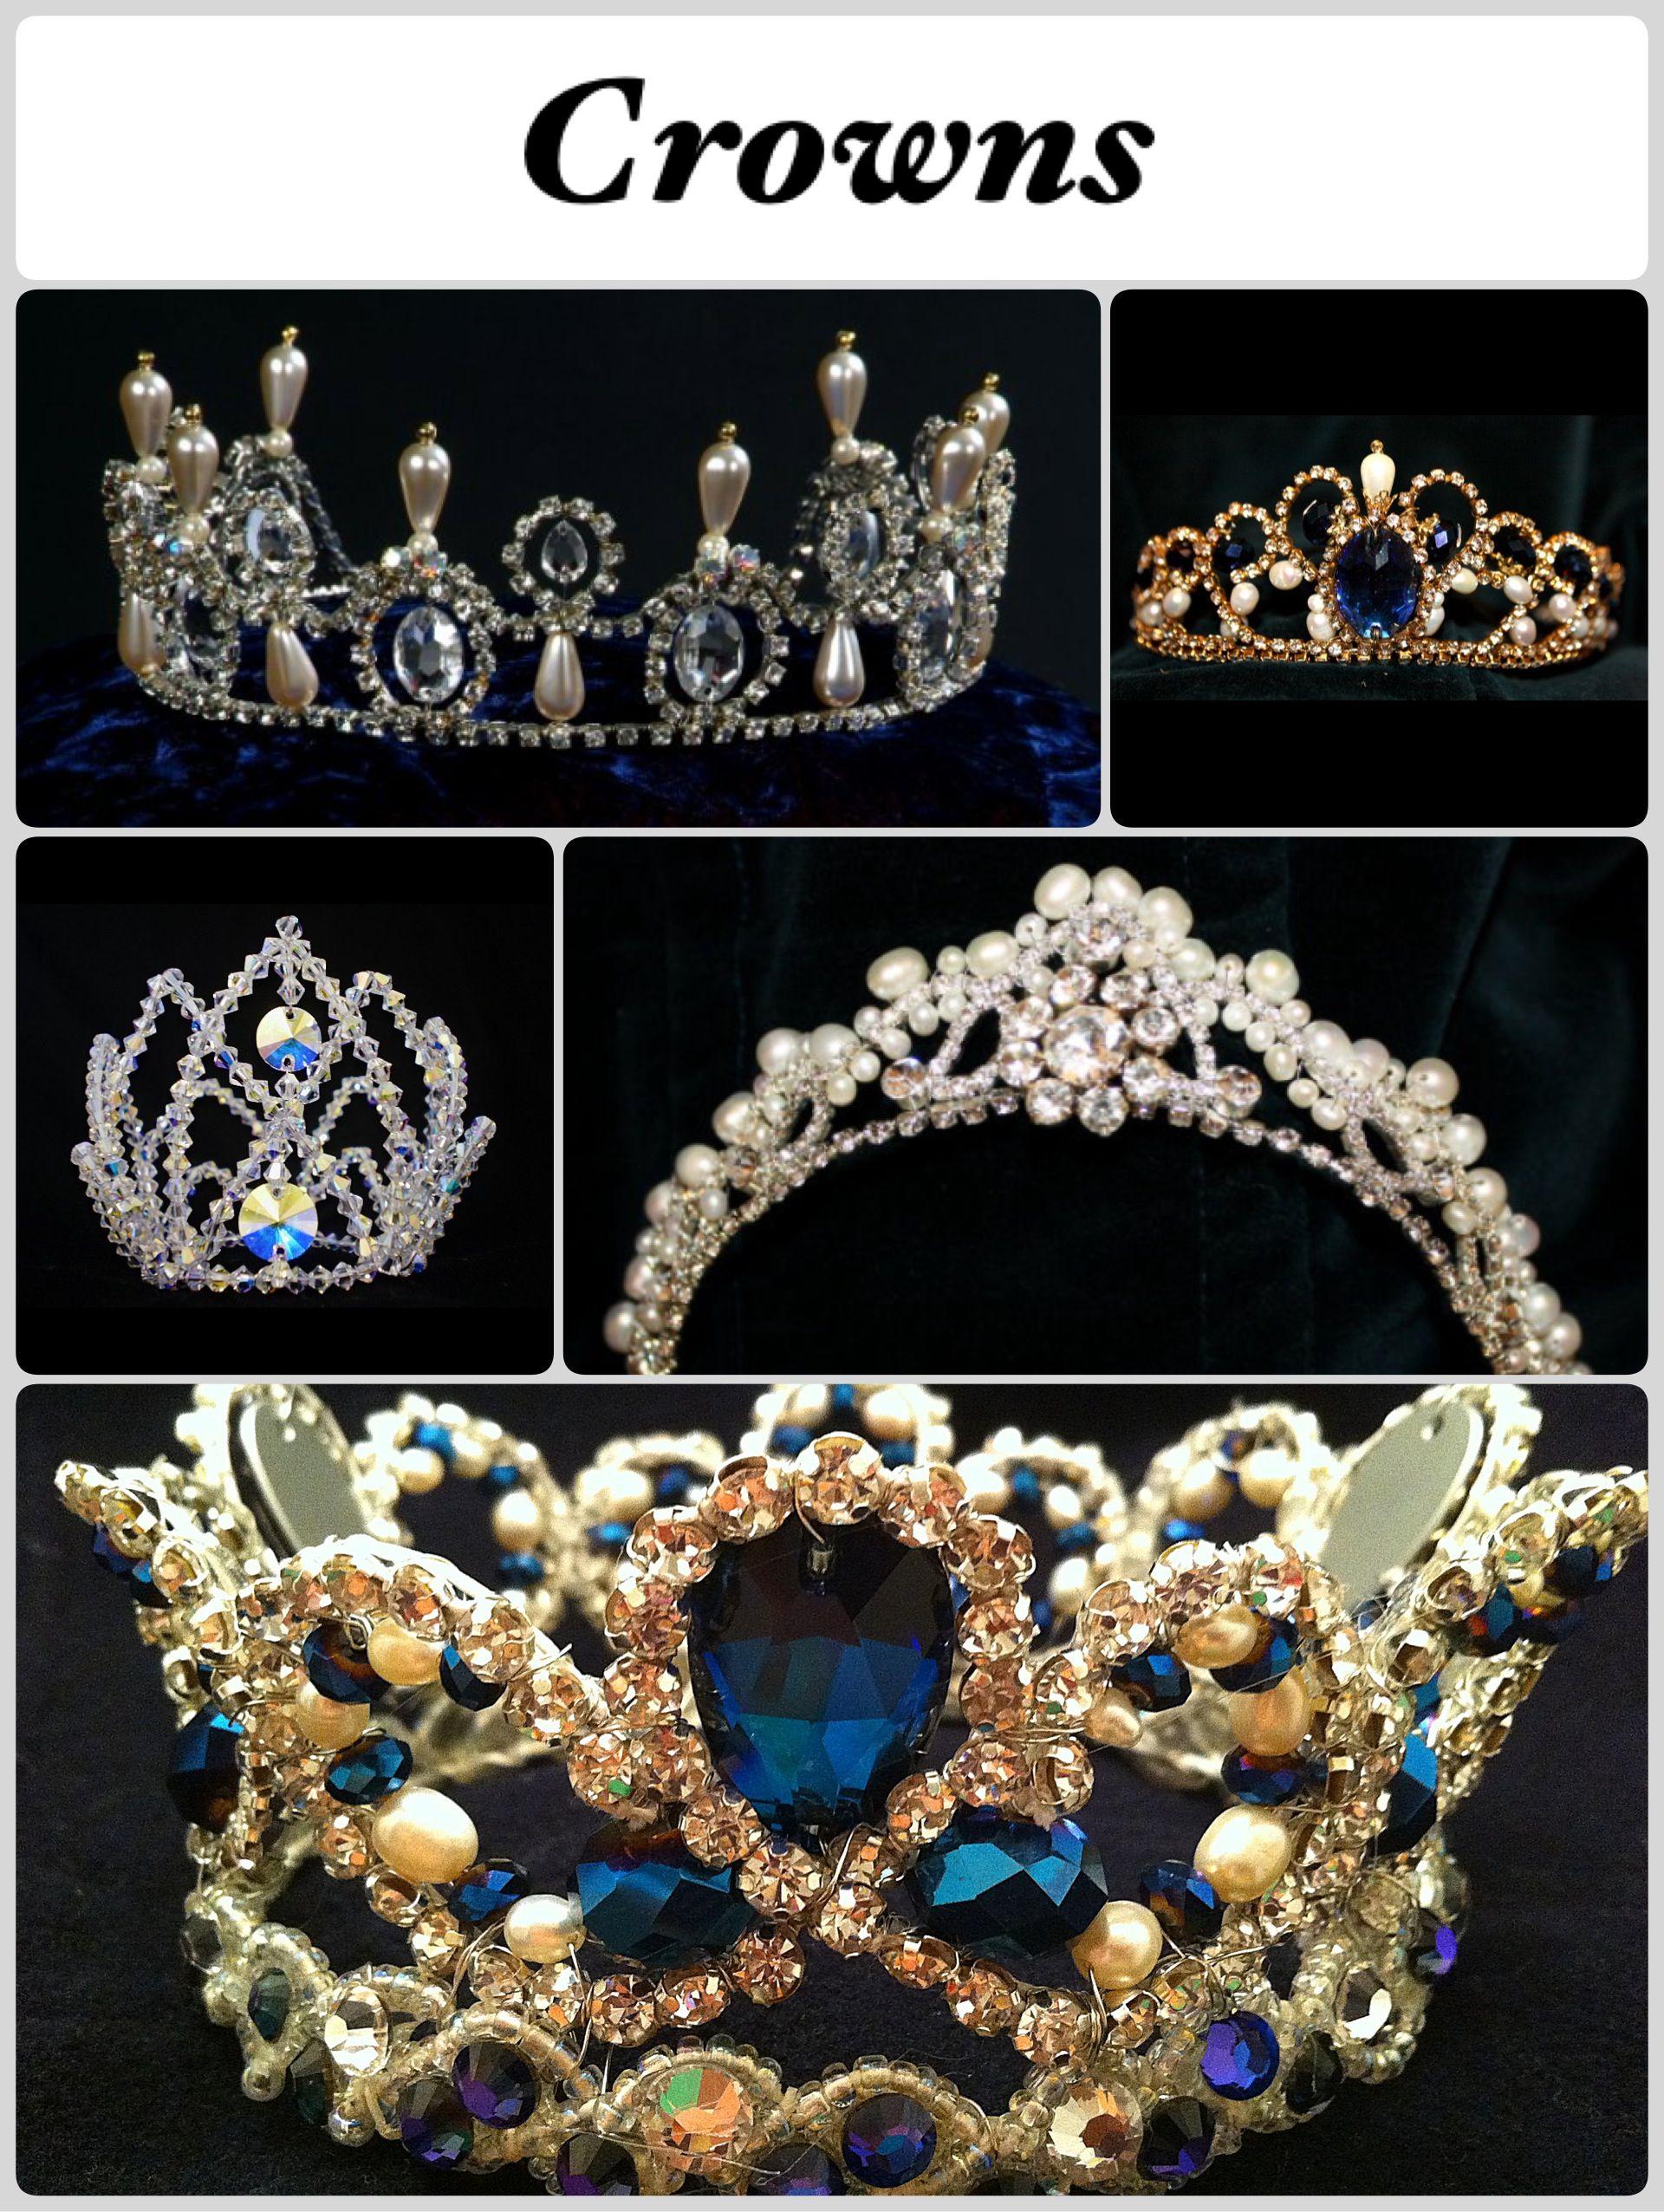 تيجان ملكية  امبراطورية فاخرة B5fd853aaee44b917bc6451ff010b4b0